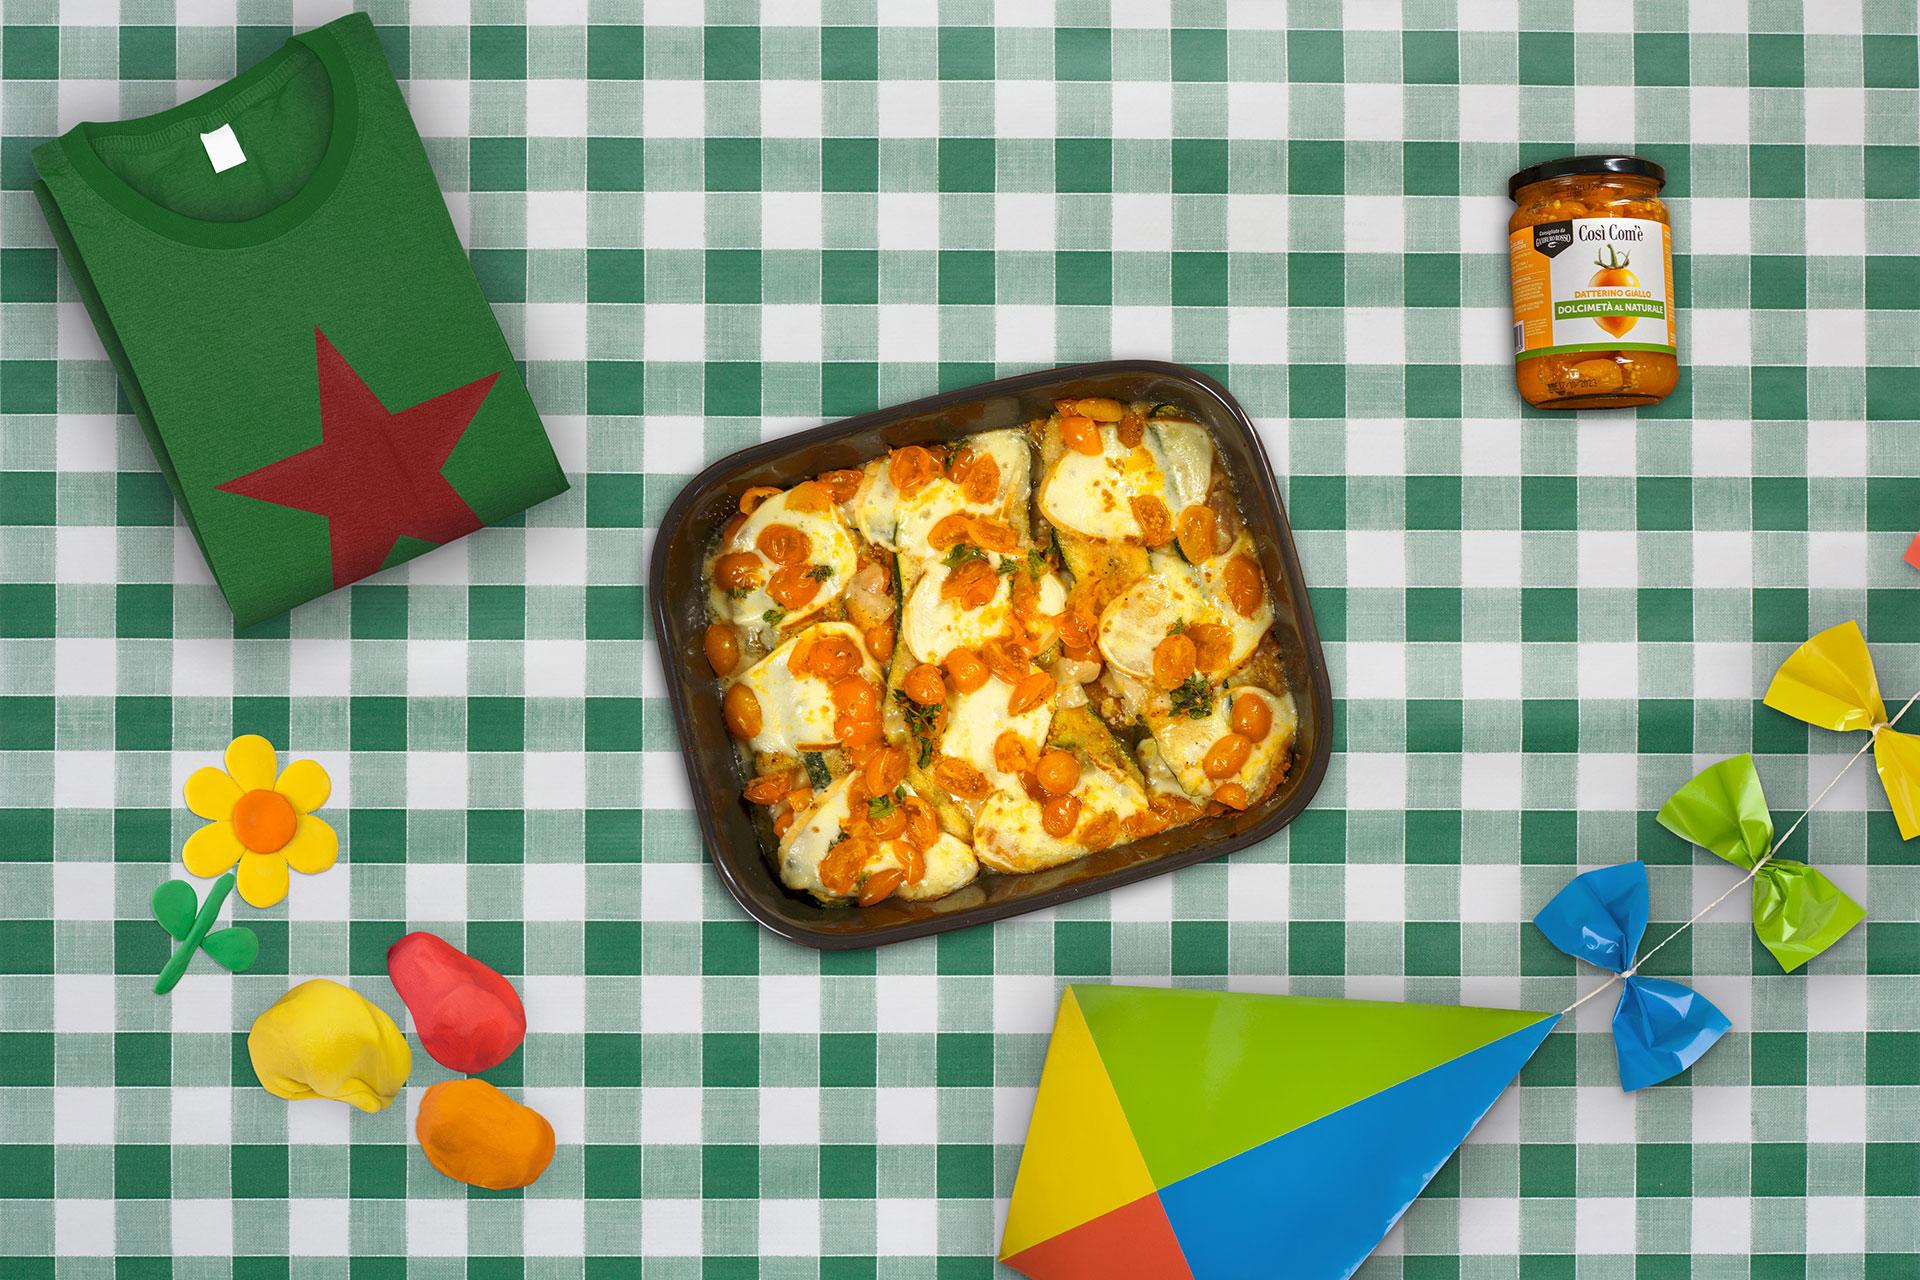 La mia vita da zucchina: Zucchine Gratinate con provola e Dolcimetà di Datterino Giallo